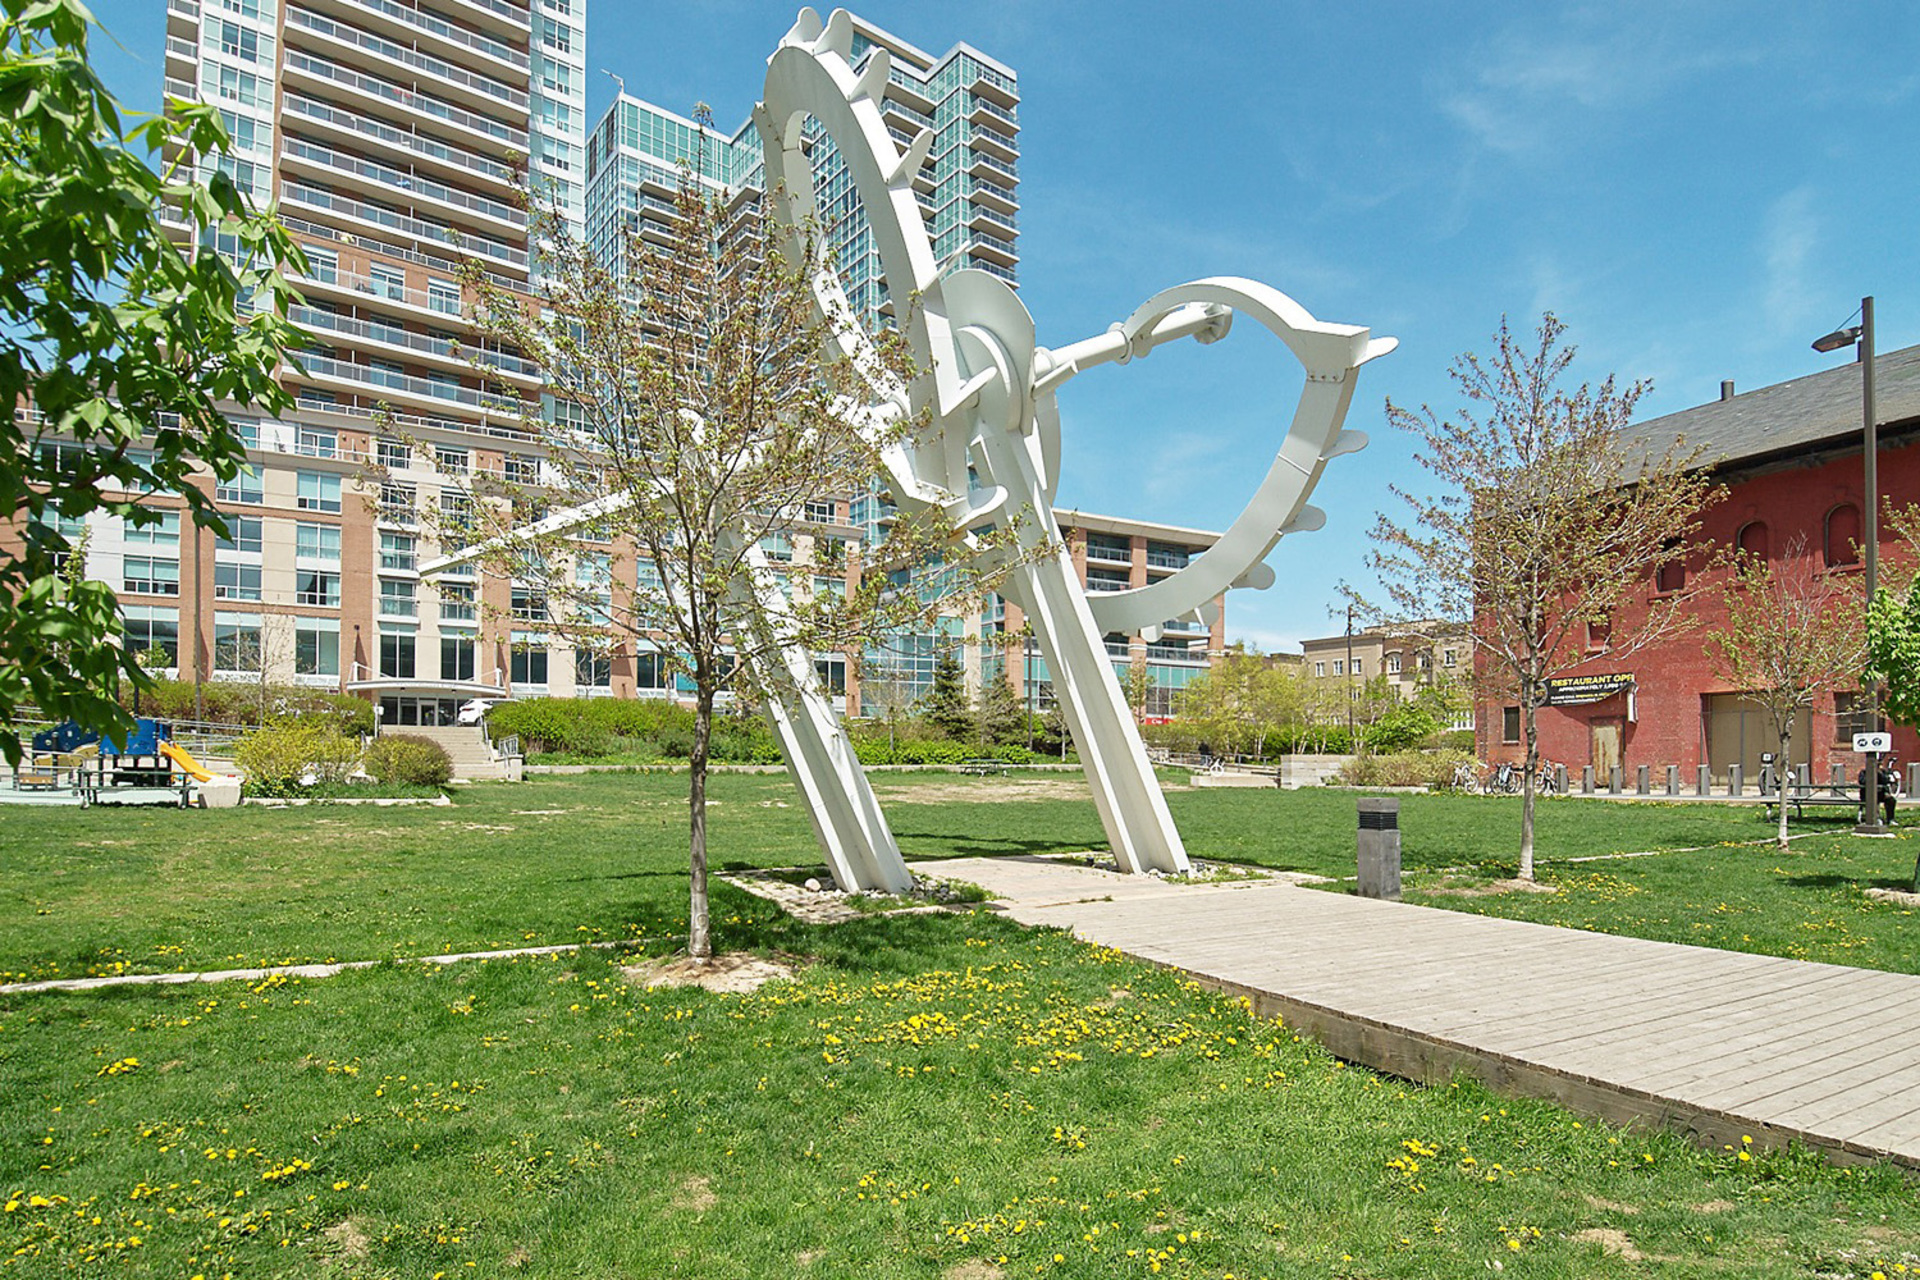 Liberty Park at 421 - 75 East Liberty Street, Niagara, Toronto